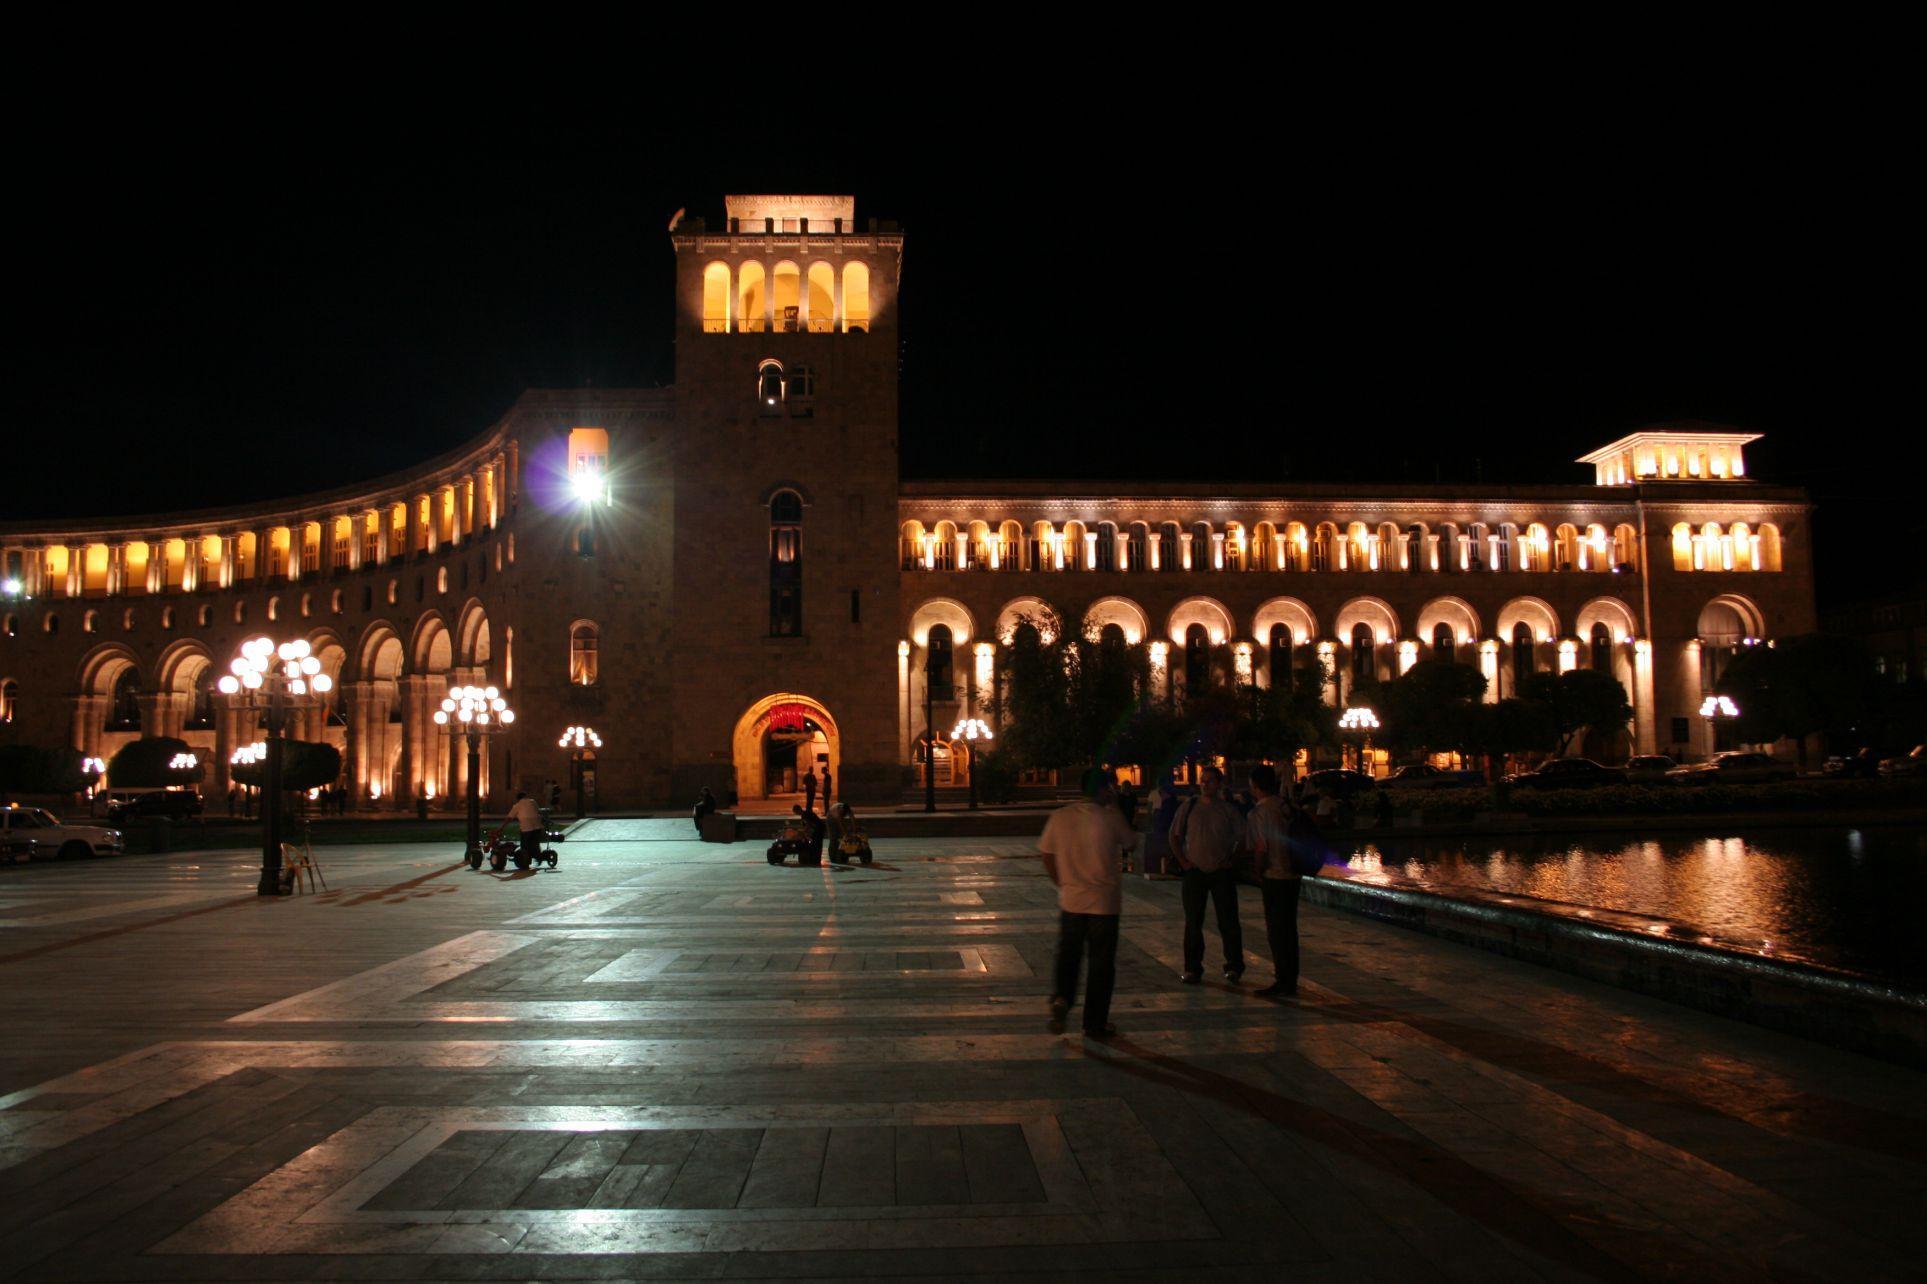 gratis dating site in Azerbeidzjan Lux pijn dating